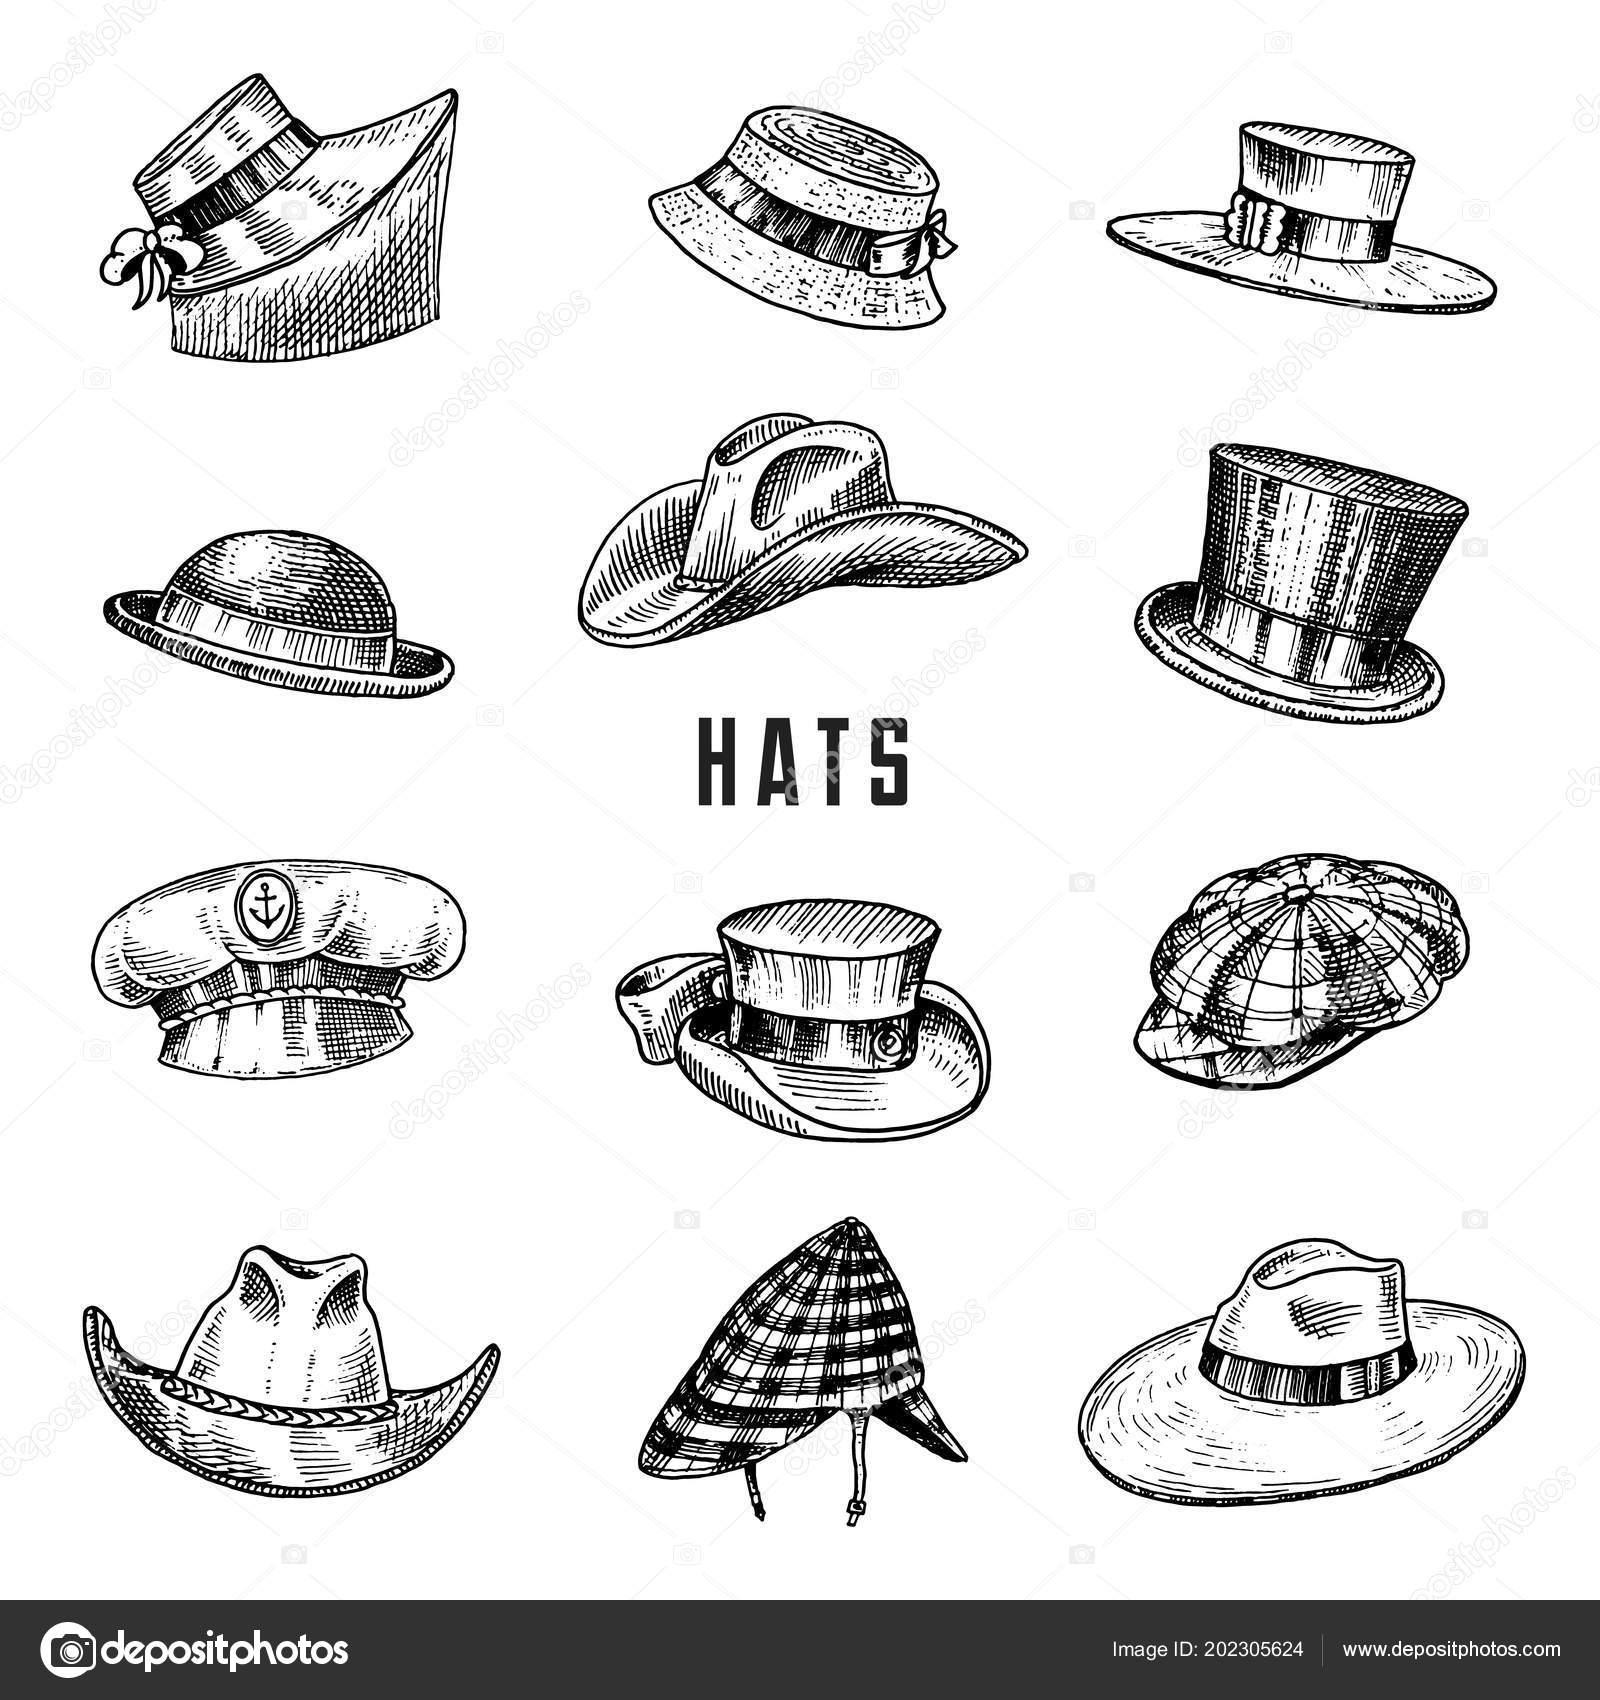 Verano vintage colección de sombreros para hombres elegantes bc6a3126188